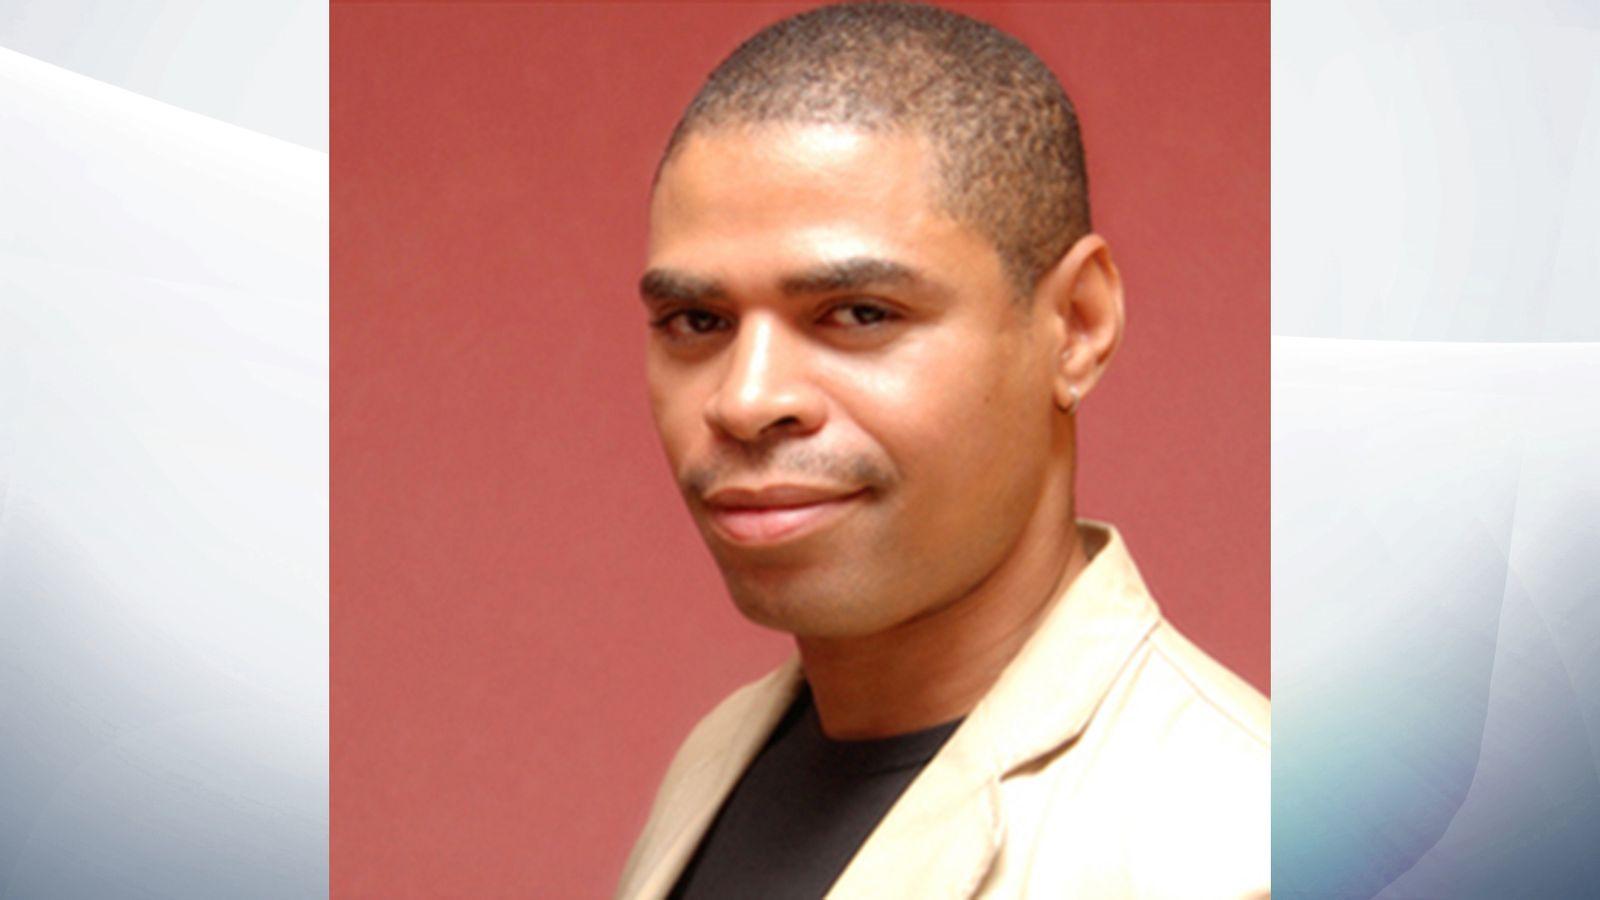 Sean Rigg. Pic: seanriggjusticeandchange.com